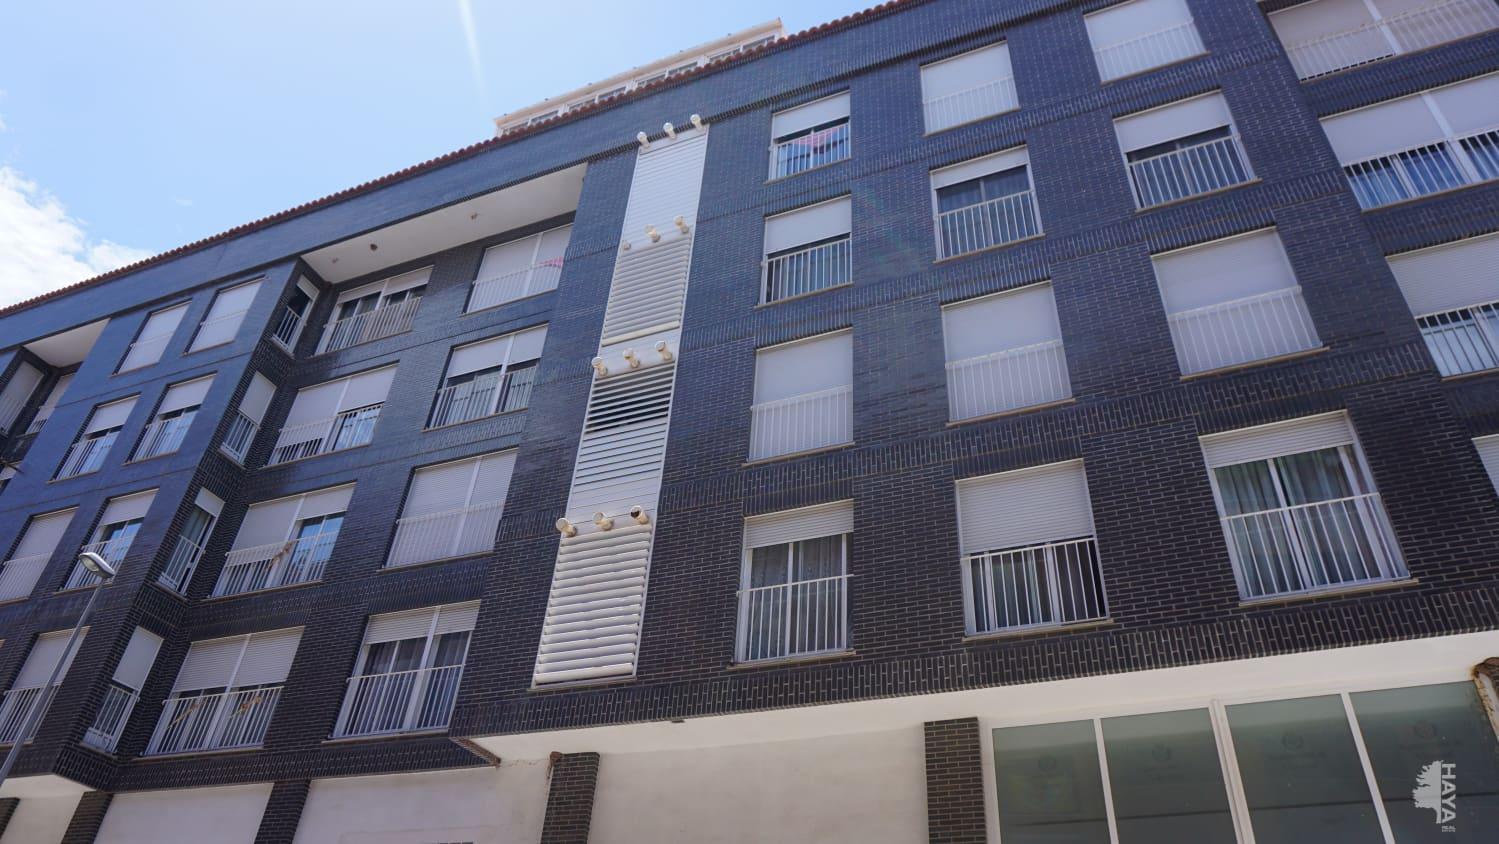 Piso en venta en Virgen de Gracia, Vila-real, Castellón, Calle Valencia/ Ponent Baix, 162.000 €, 4 habitaciones, 2 baños, 159 m2